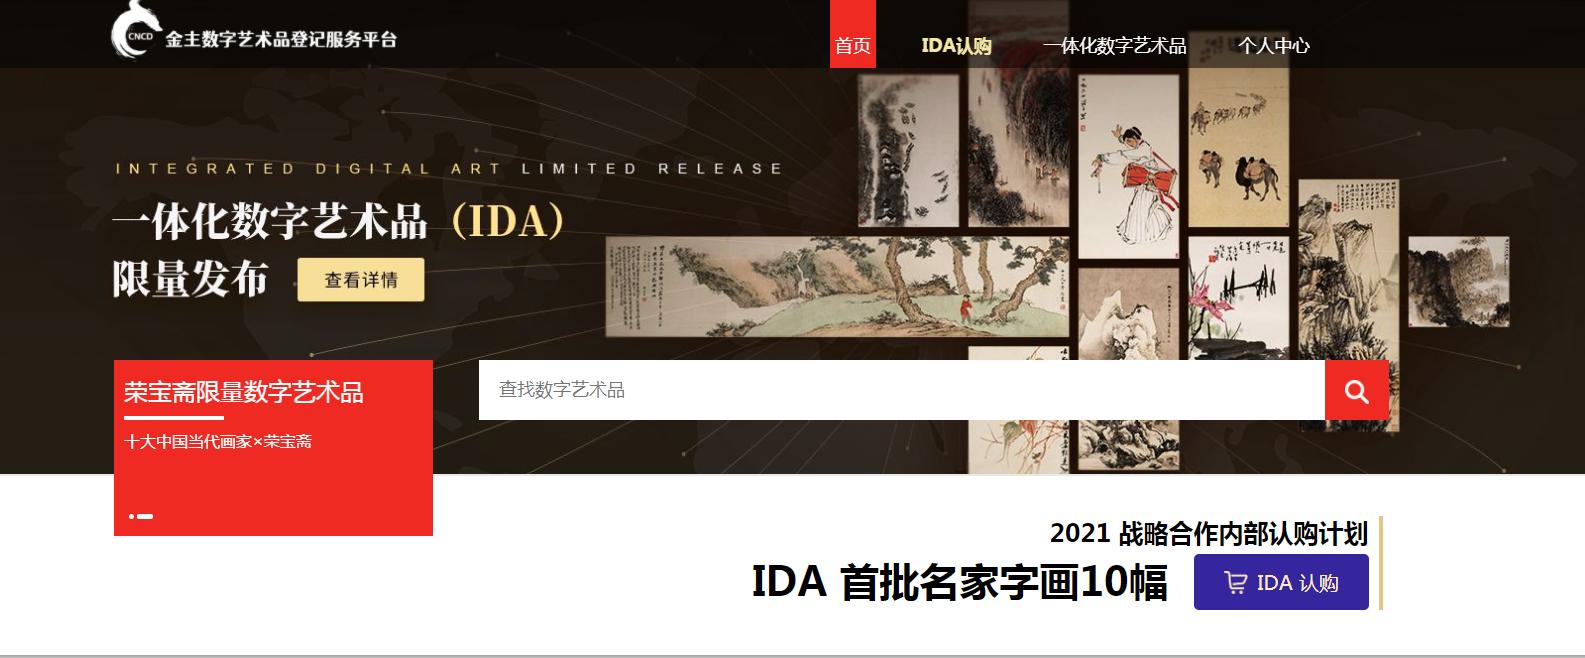 助推一体化数字艺术品IDA全球跨链流转, 搜云科技与边界智能展开深度合作